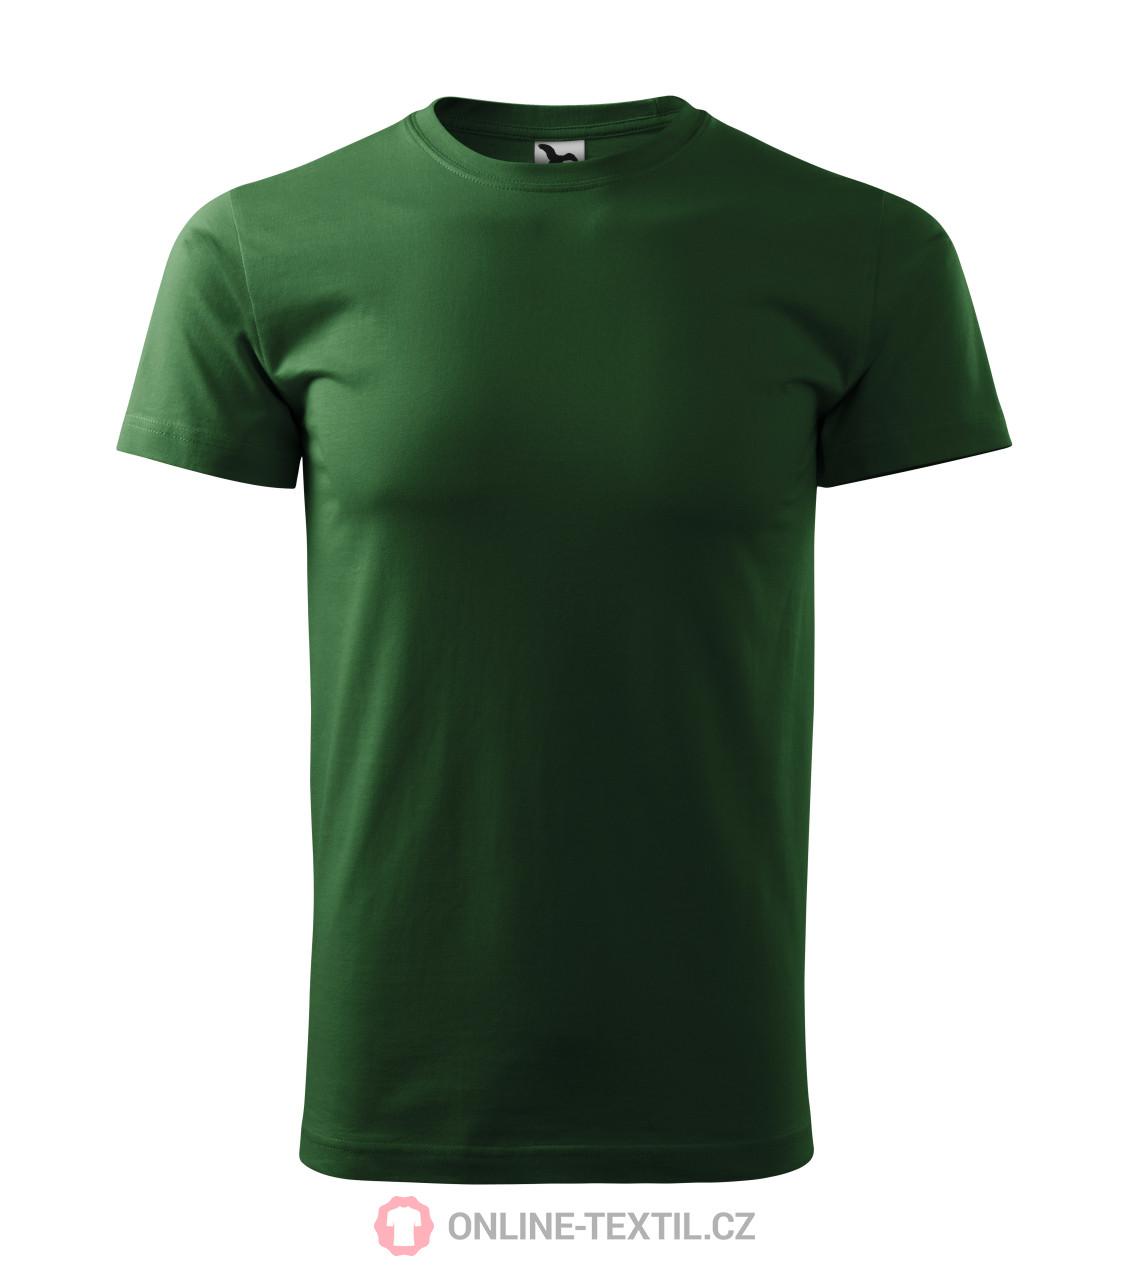 ADLER CZECH Tričko pánské Basic 129 - lahvově zelená z kolekce ... 293eb27ba8